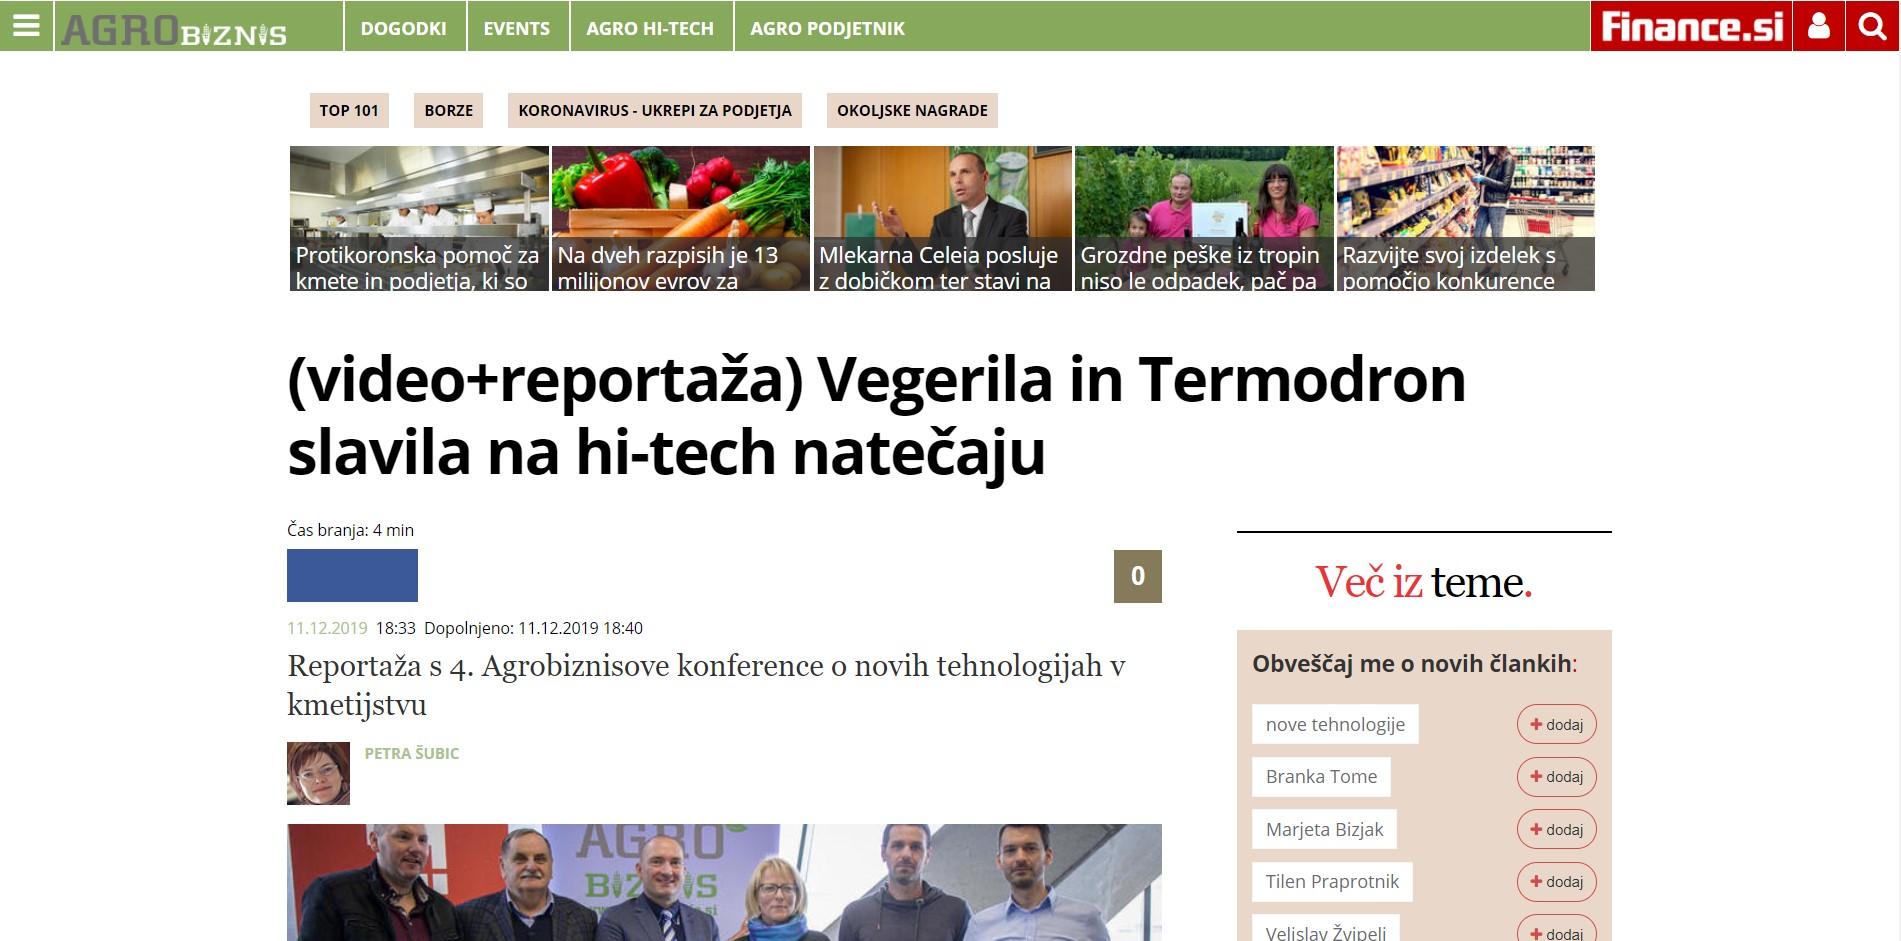 Termodron - In Media - Vegerila in Termodron slavila na hi-tech natecaju